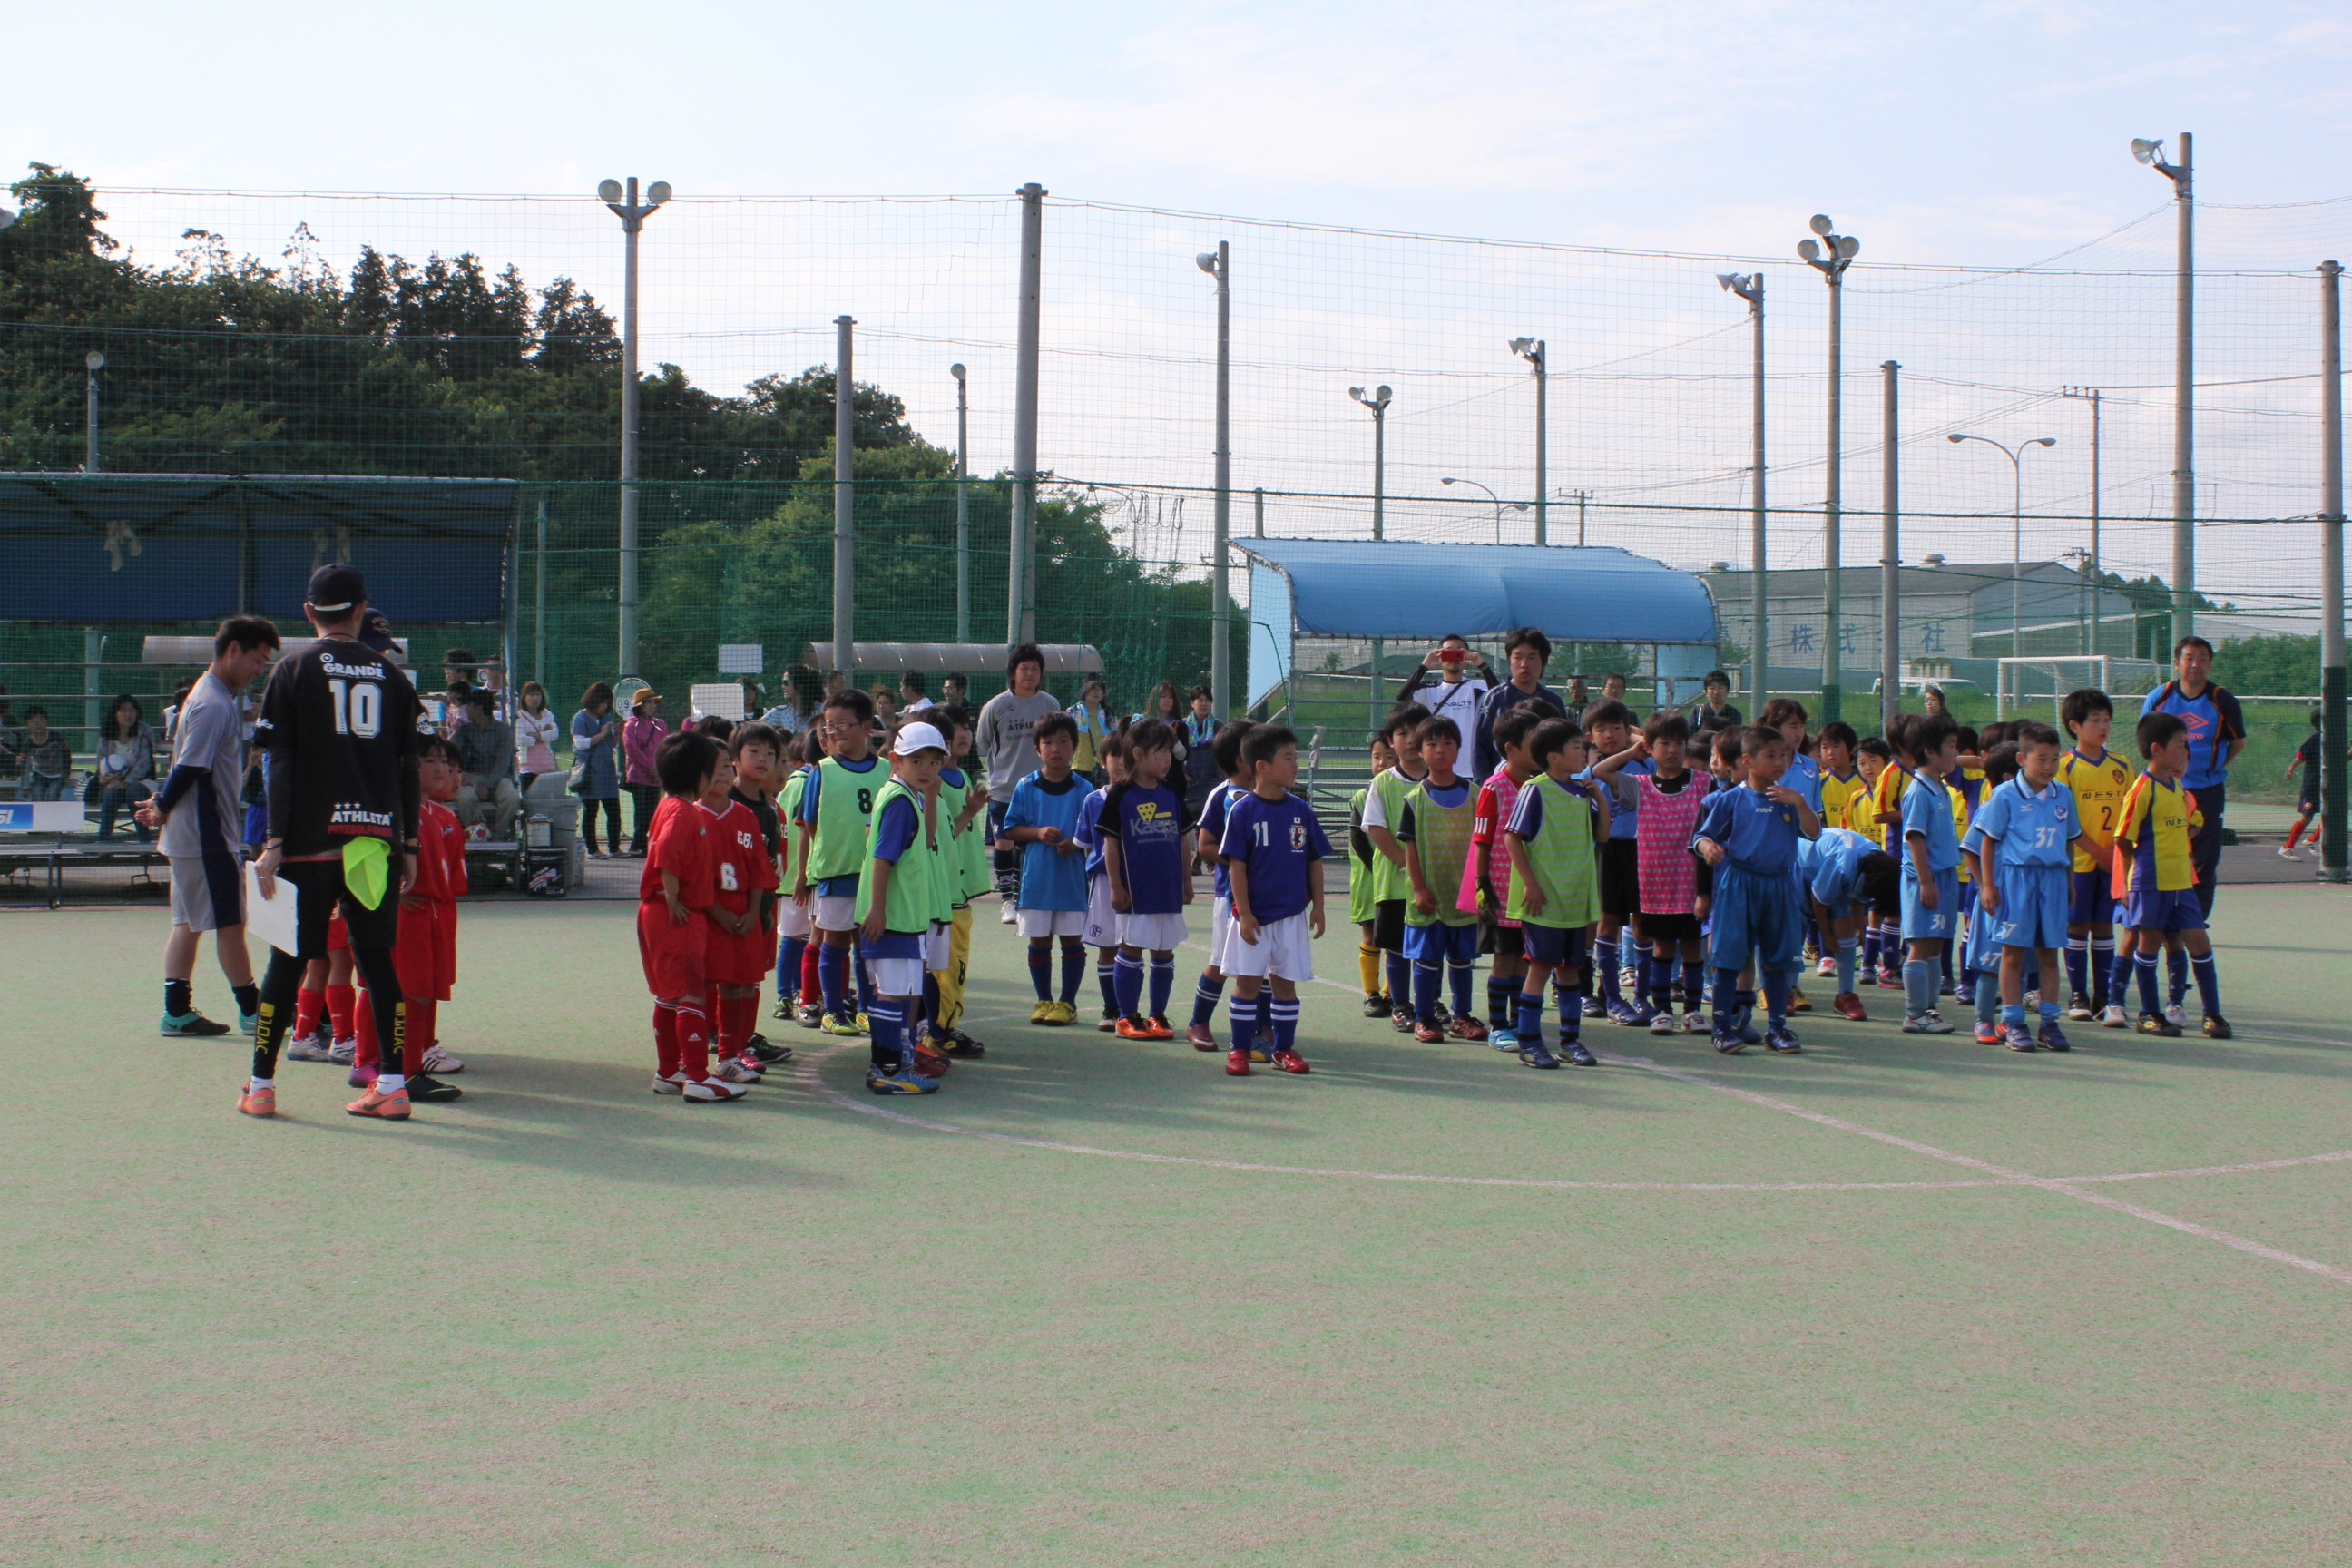 第2回クレアティーボカップ(U-8)